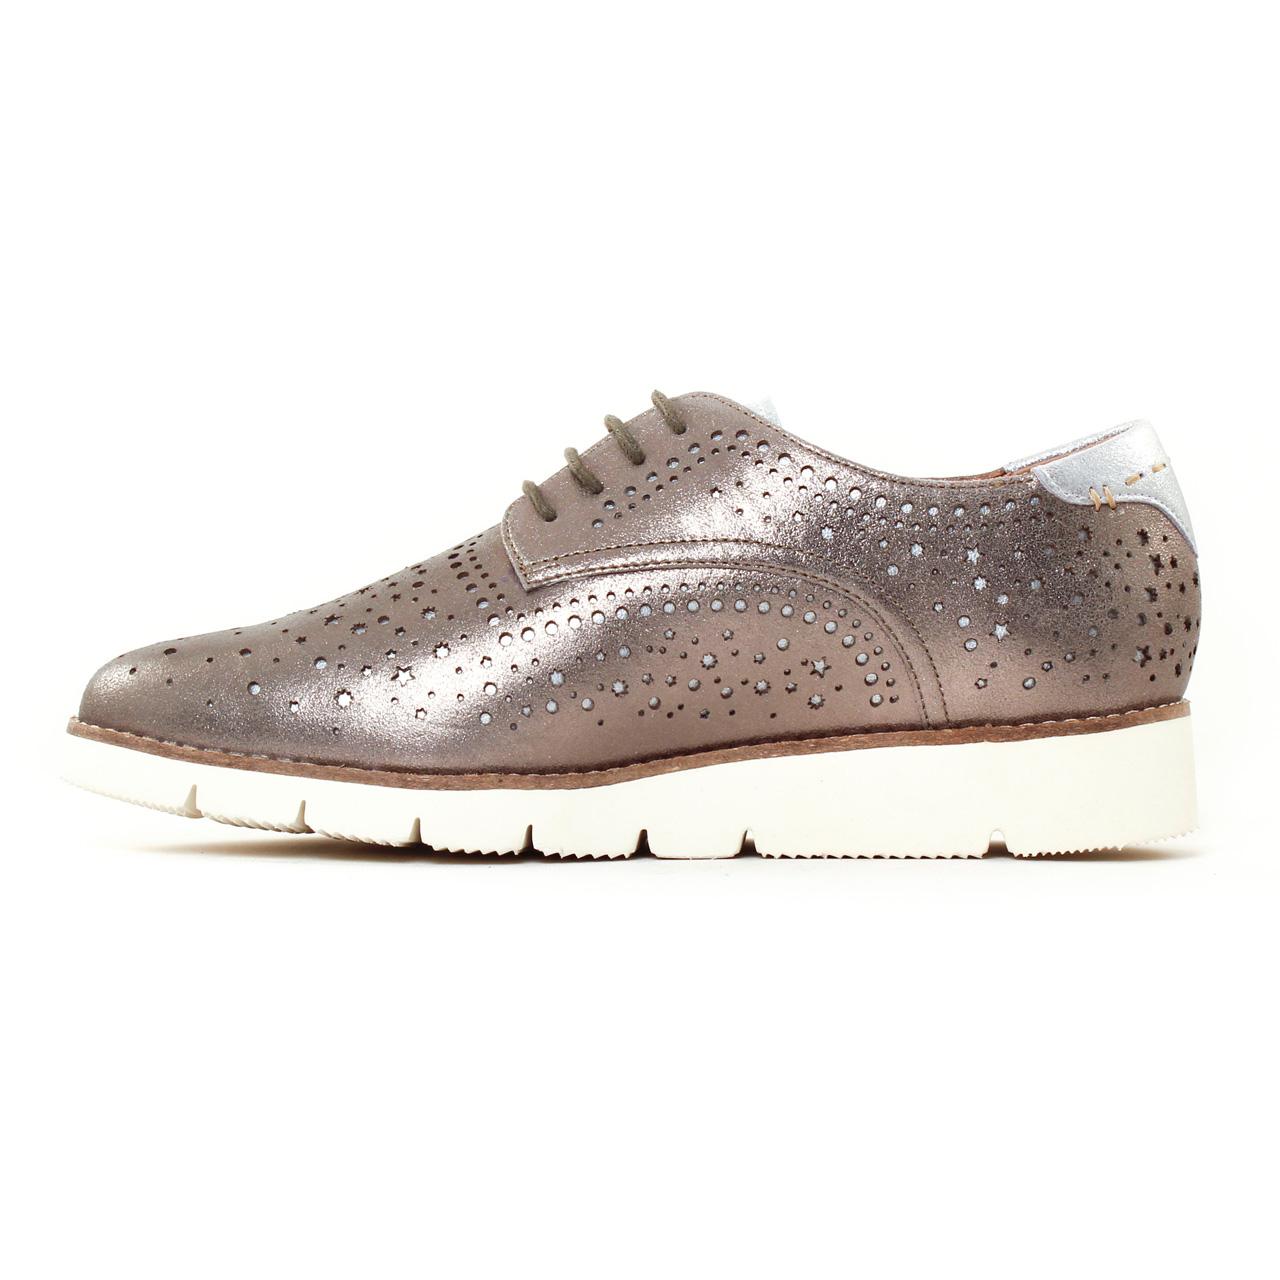 Chaussures à lacets MAM'ZELLE cuir argent 41 ERDMLzV